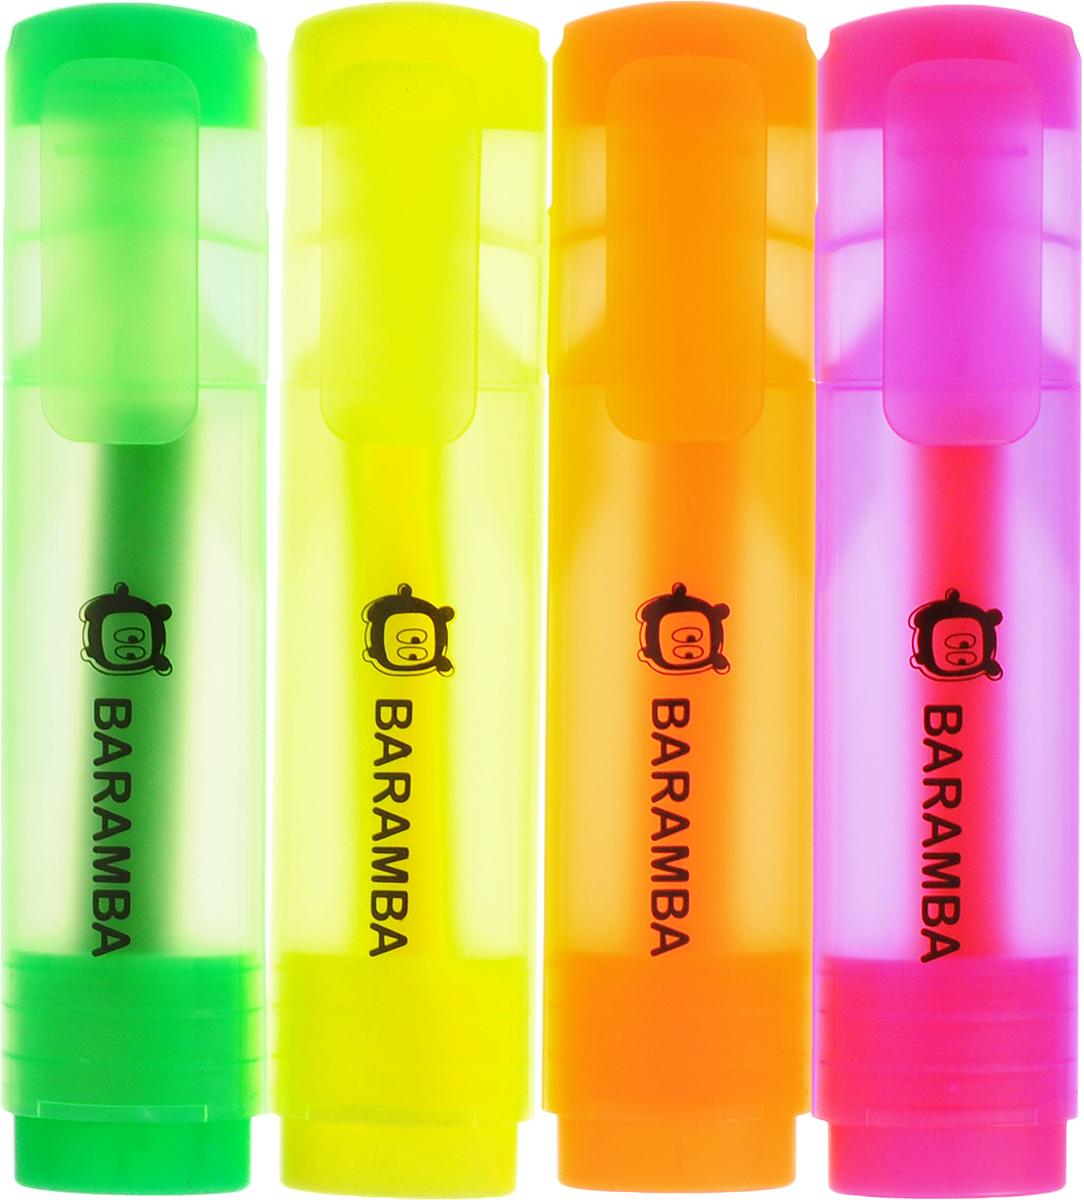 Baramba Набор текстовыделителей 4 цвета B10004_желтый/оранжевый/розовый/зеленый